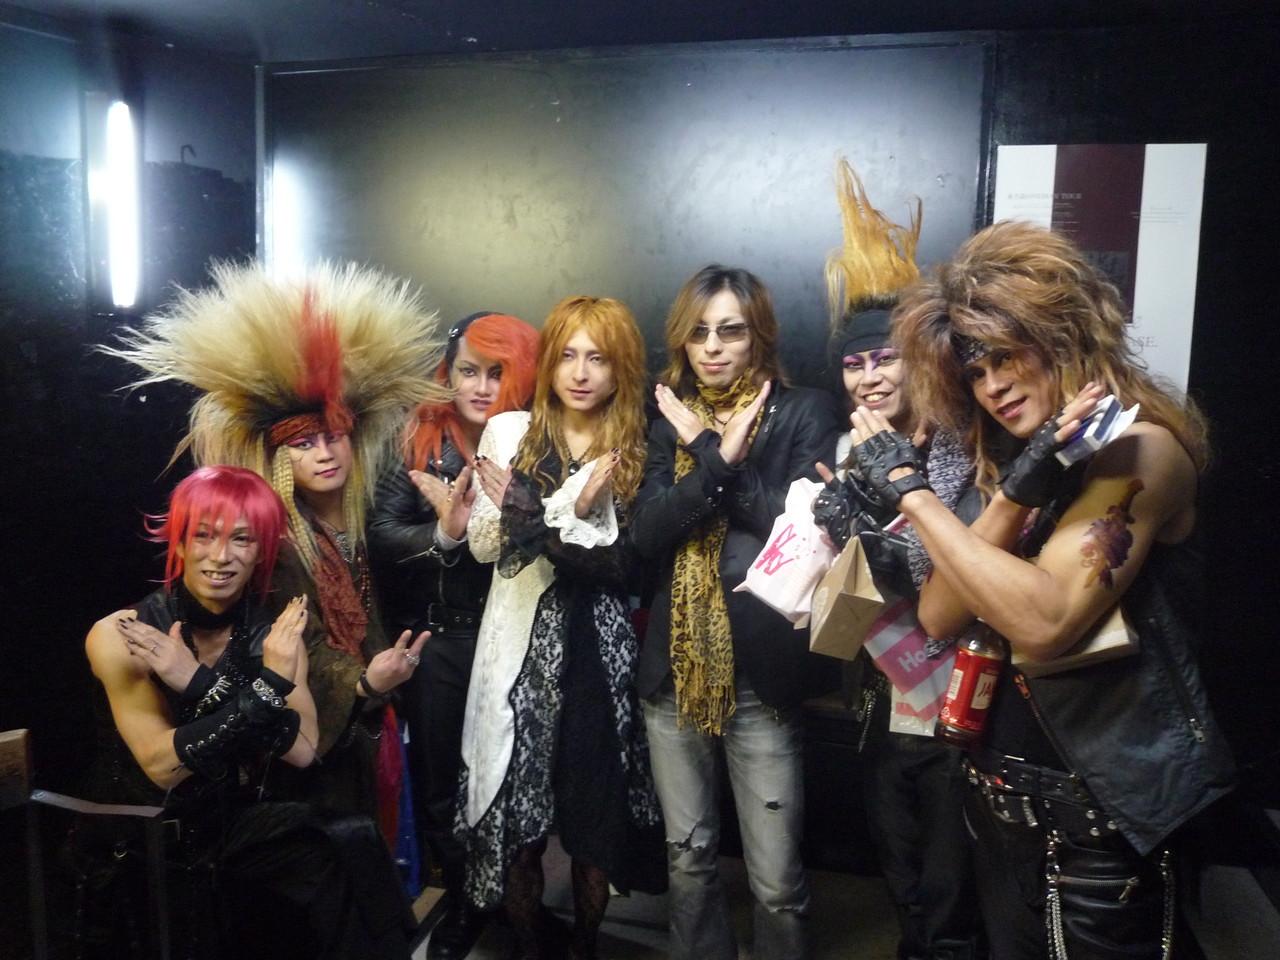 X-HIROSHIMAメンバー&SeveNのKoji さんと記念写真☆素晴らしいミュージシャンに出会えた事、心から幸せに思います!